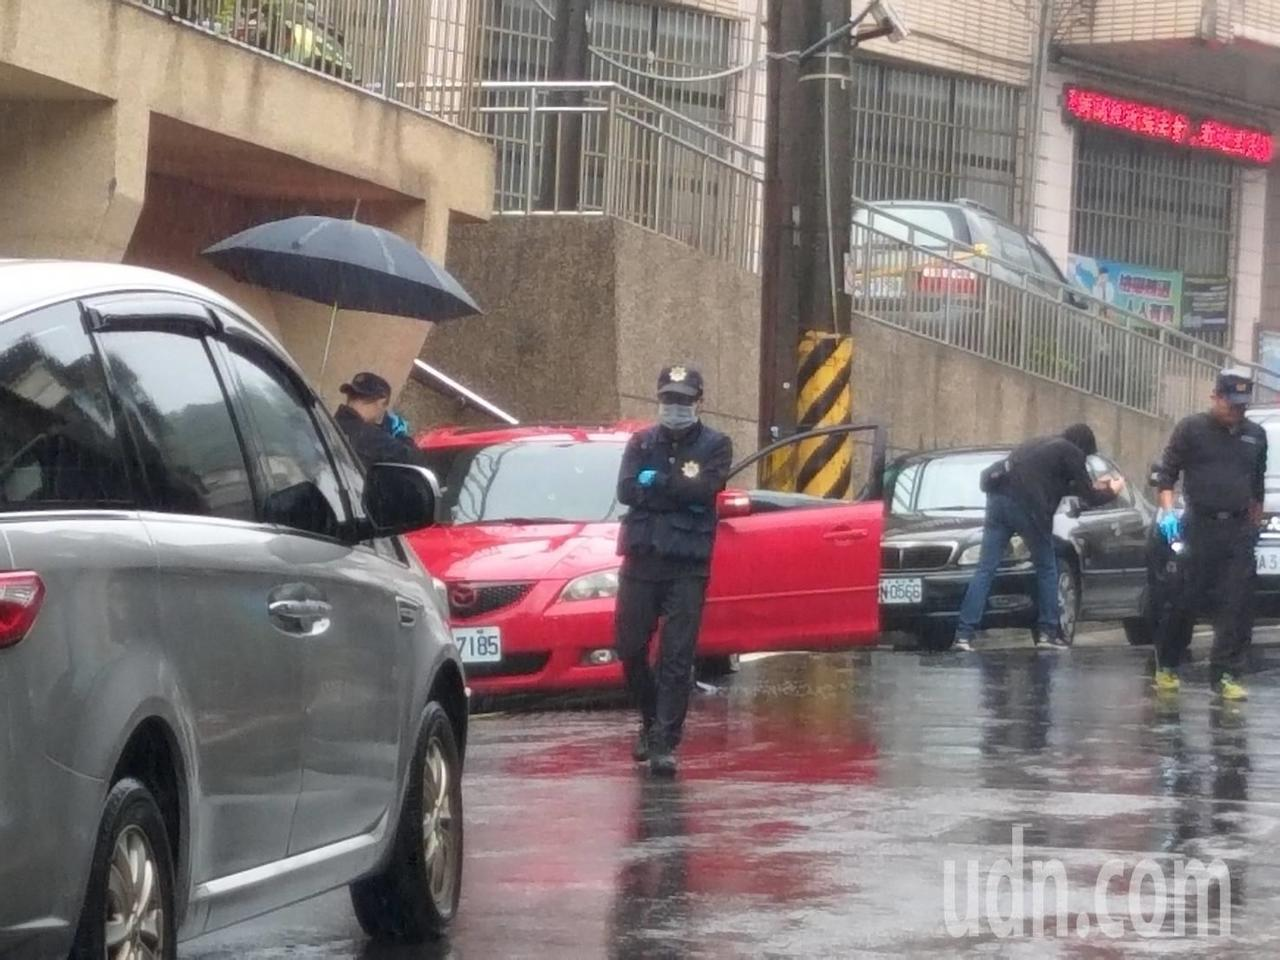 宜蘭礁溪警方今早到基隆查緝涉毒男子,疑犯在健民街車內疑飲彈自盡,警方已封鎖現場採...